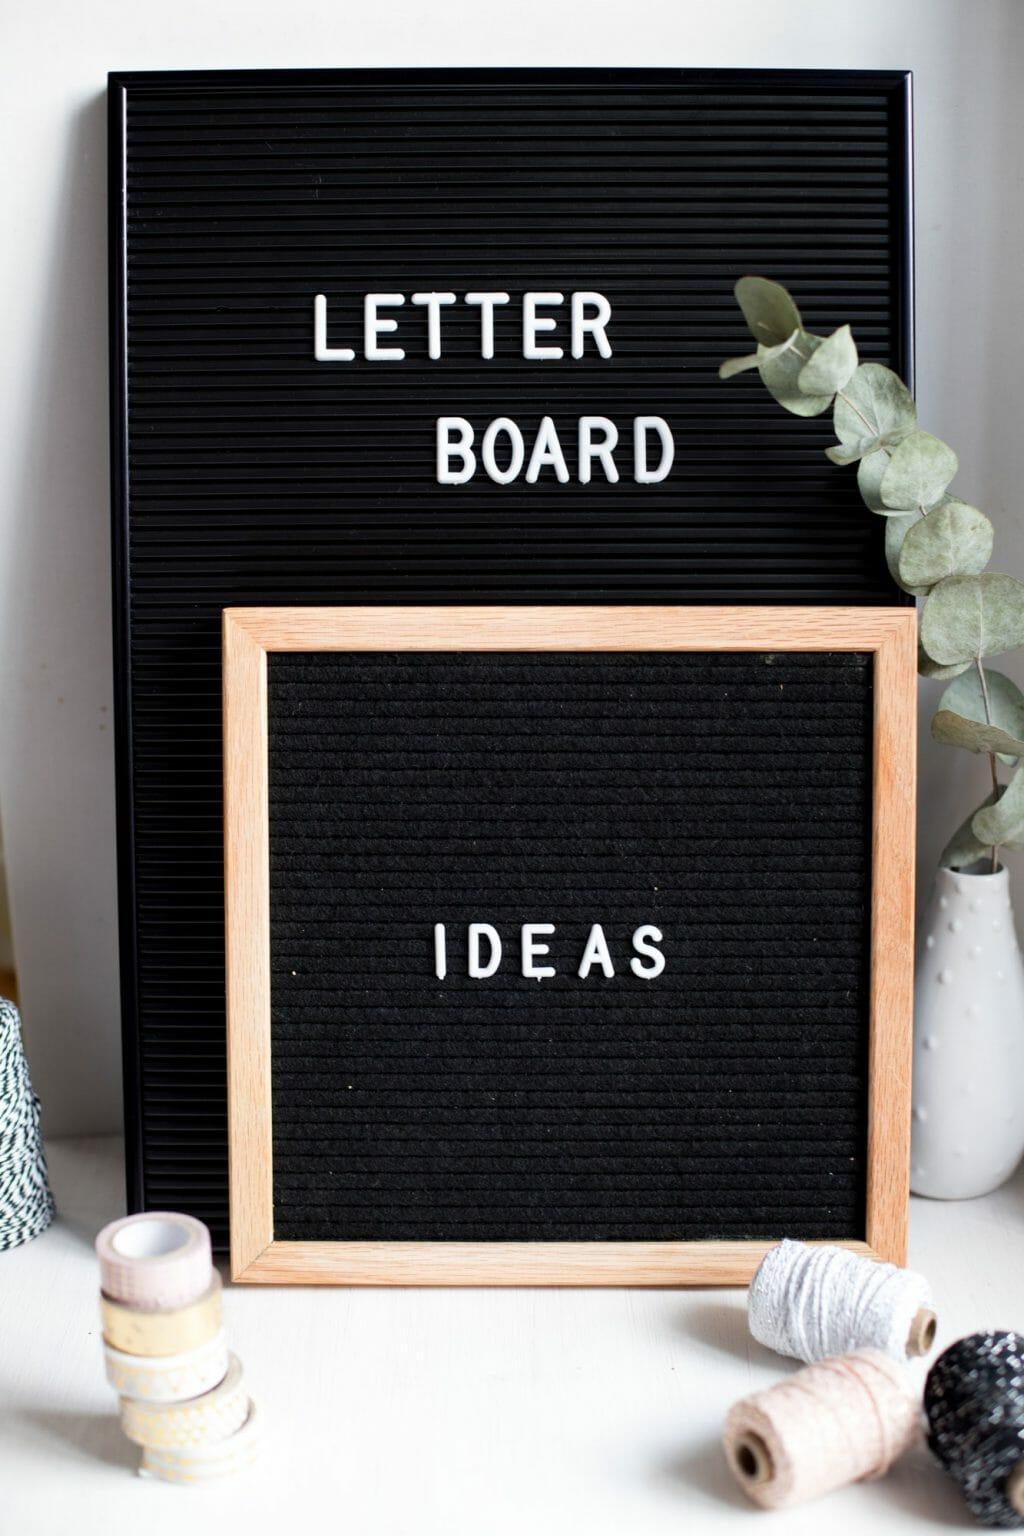 Letter Board Spruche Ideen Praktische Tipps Zum Kauf Anwendung